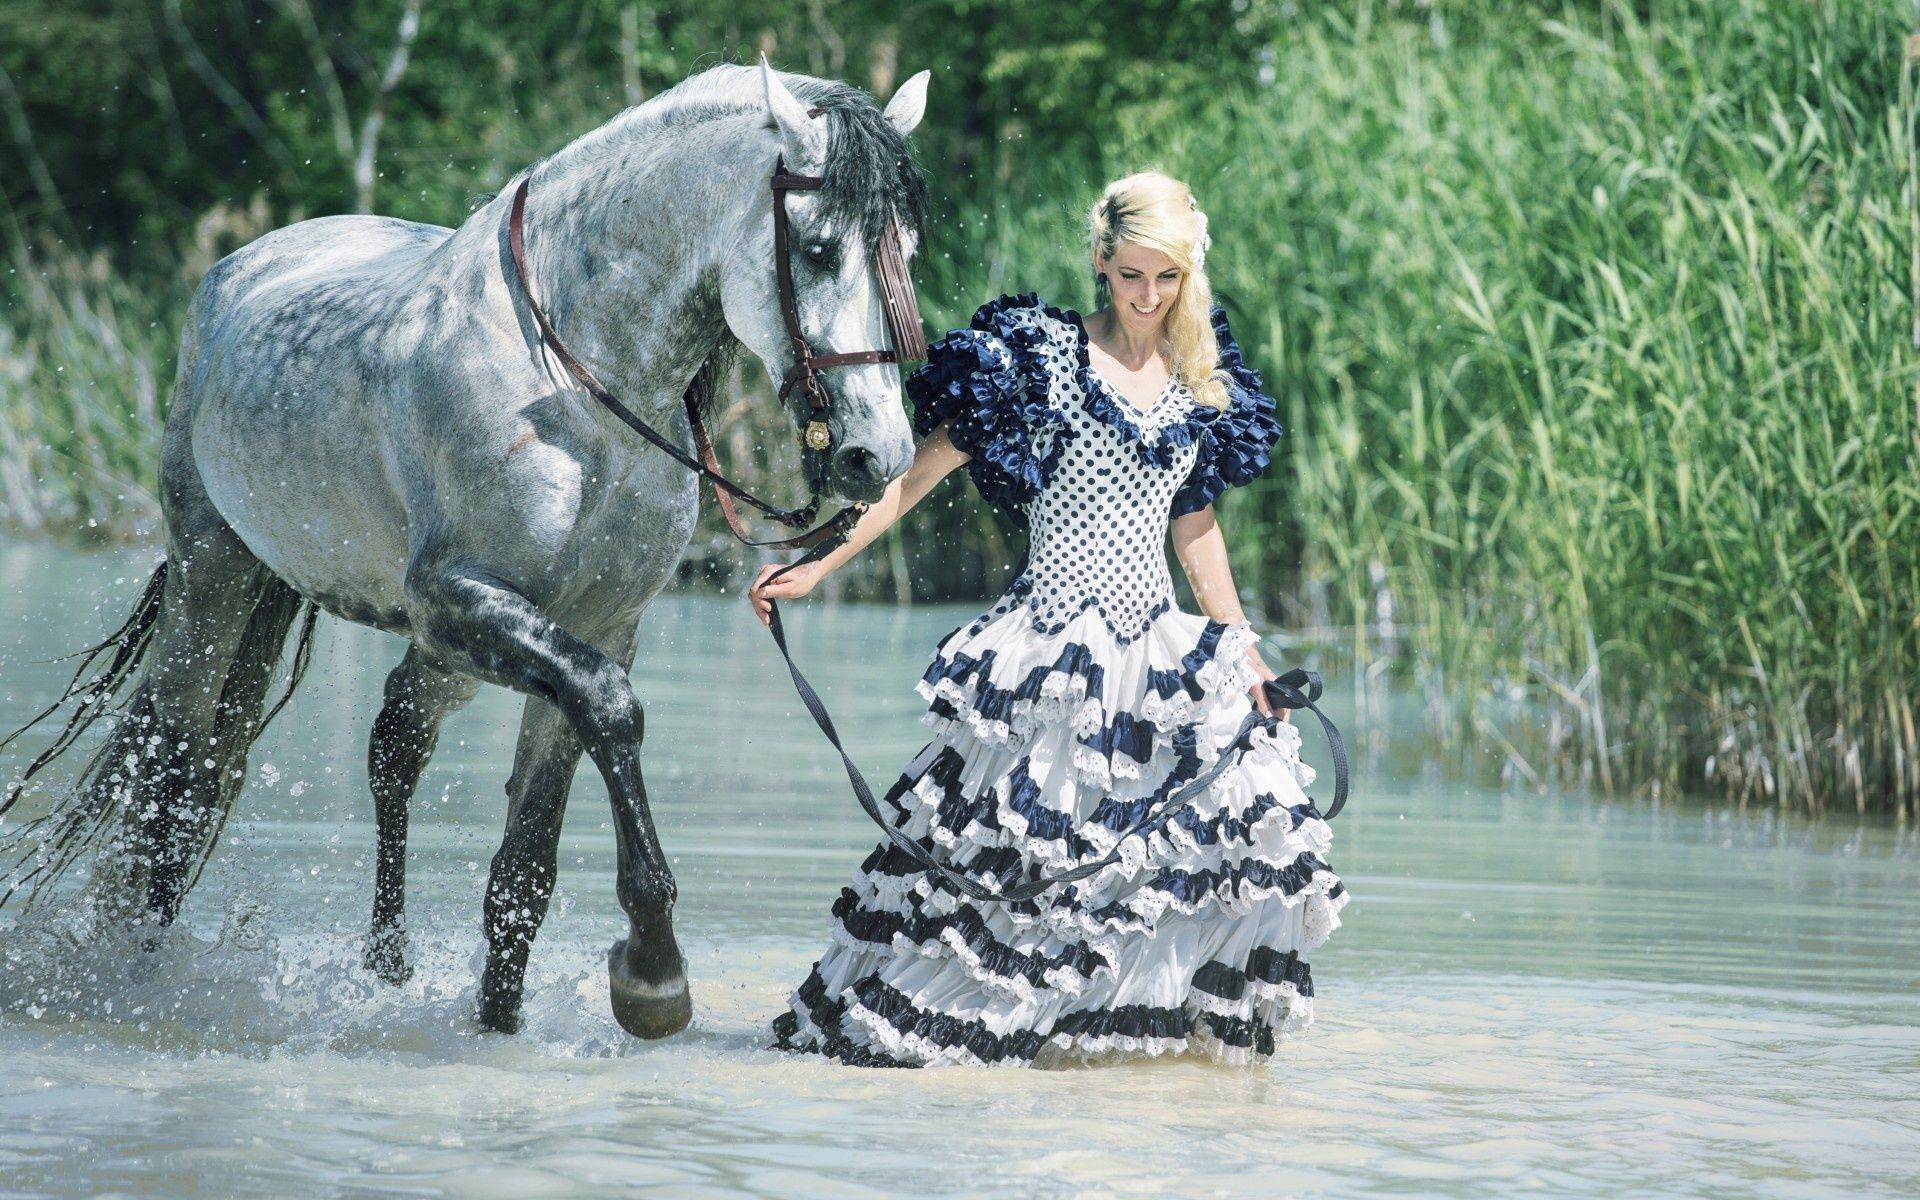 1920x1200 девушка, конь, прогулка, платье